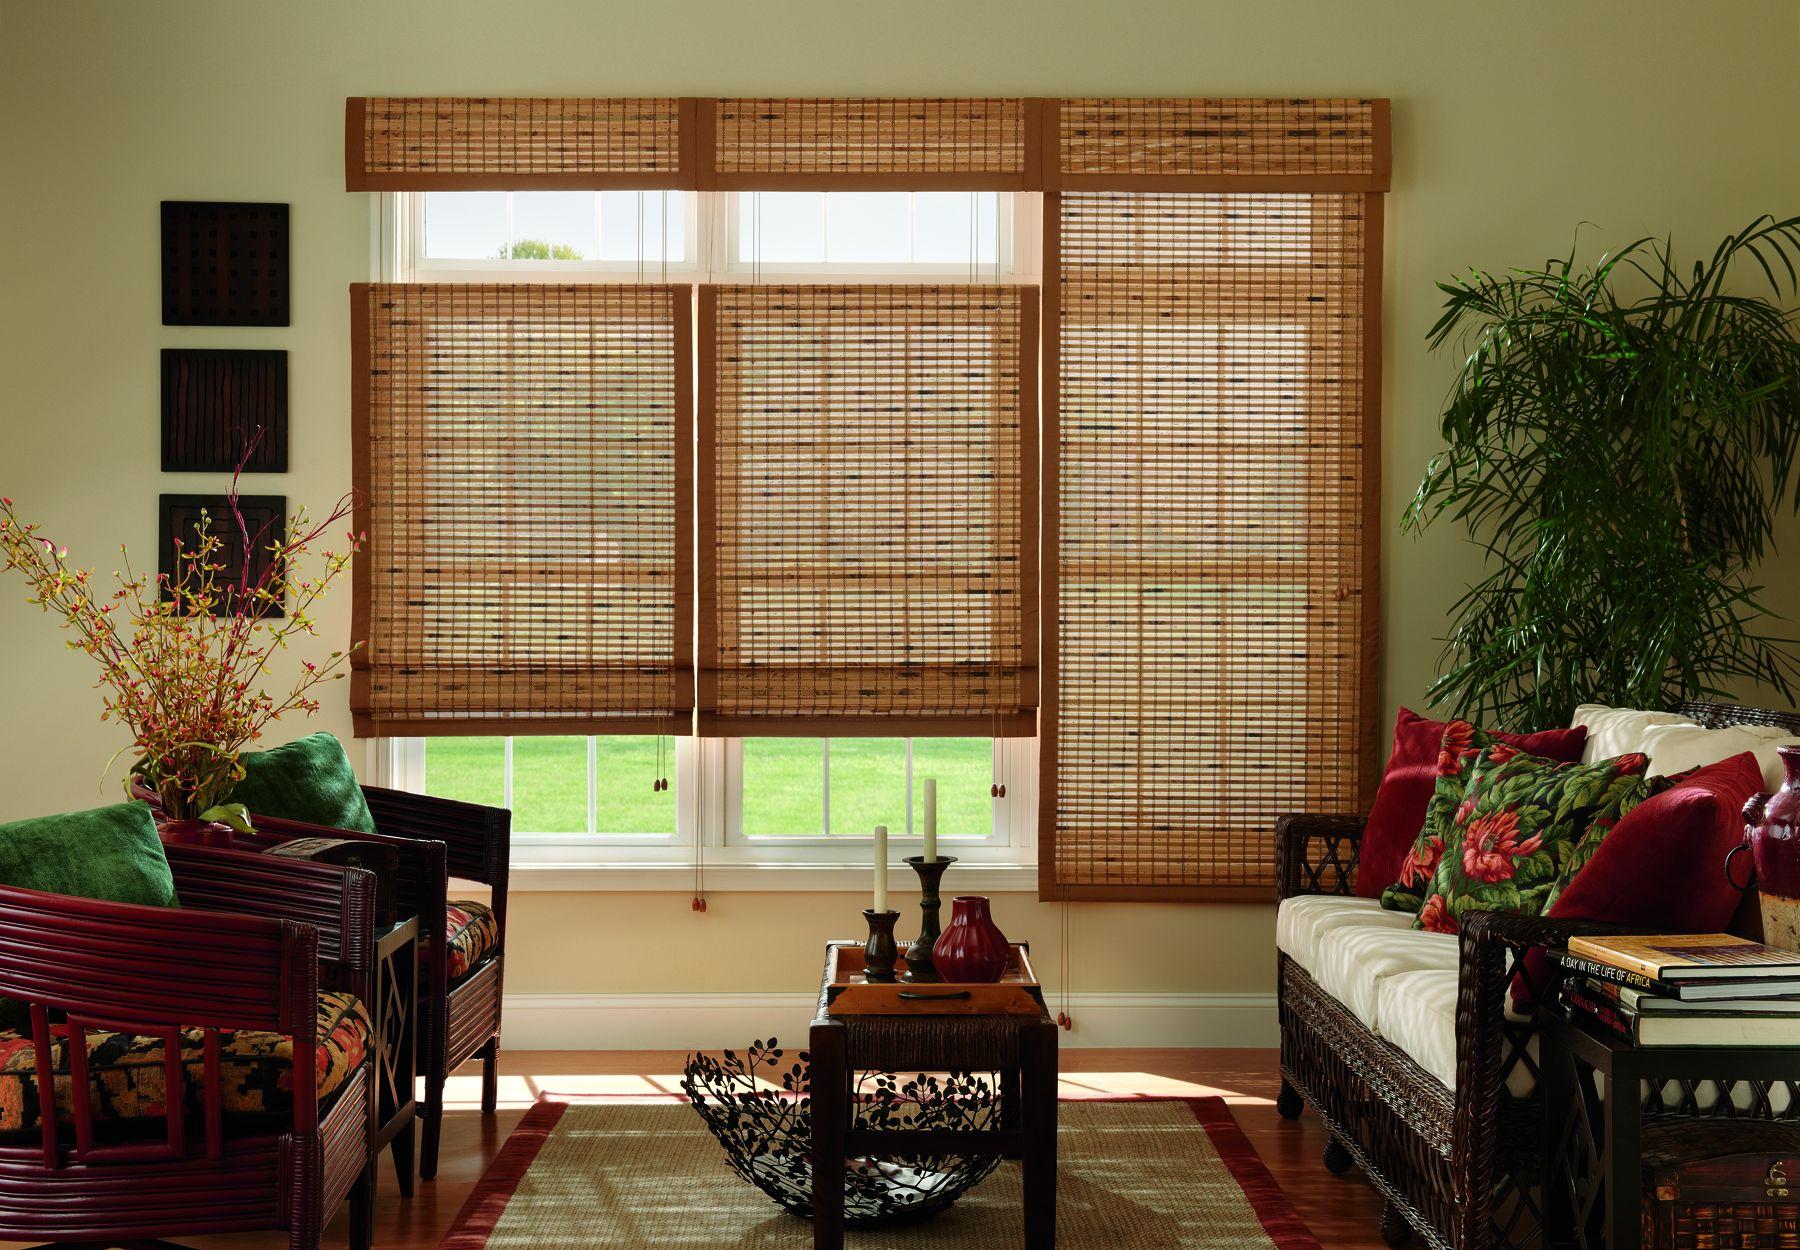 Bamboo Shades & Natural Shades - Shades - The Home Depot